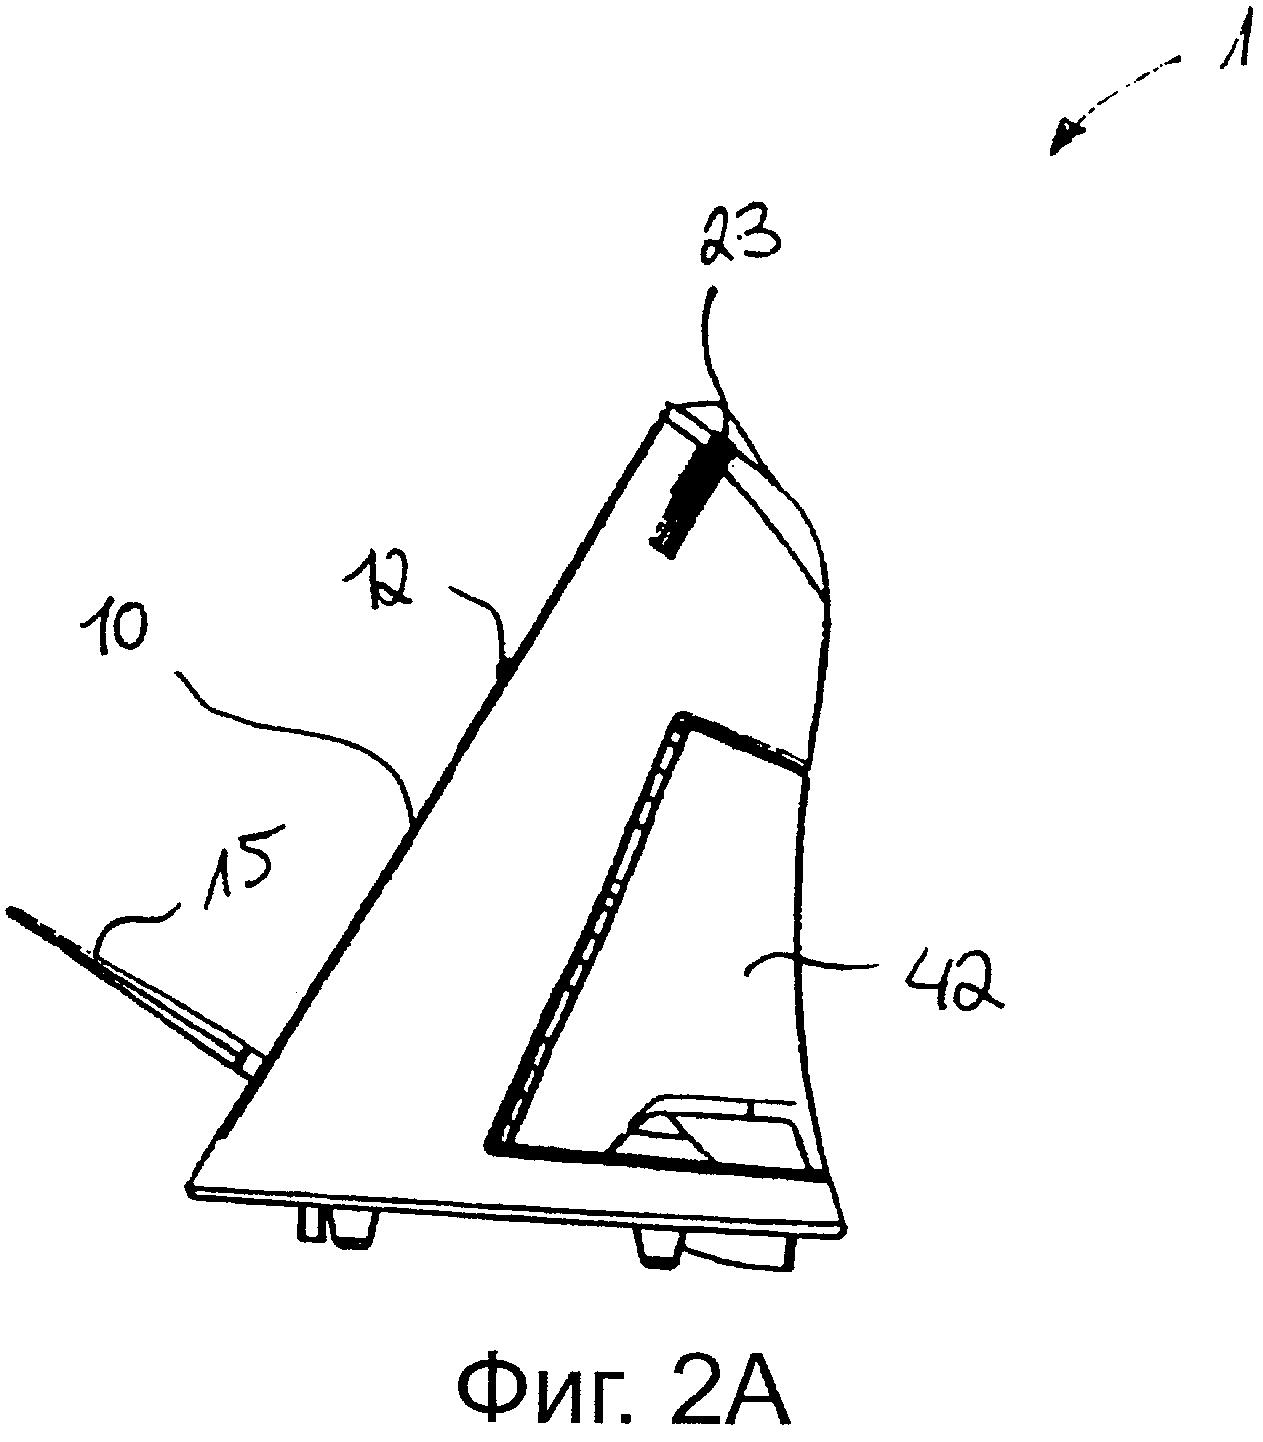 Машина для приготовления напитков, содержащая устройство считывания карт